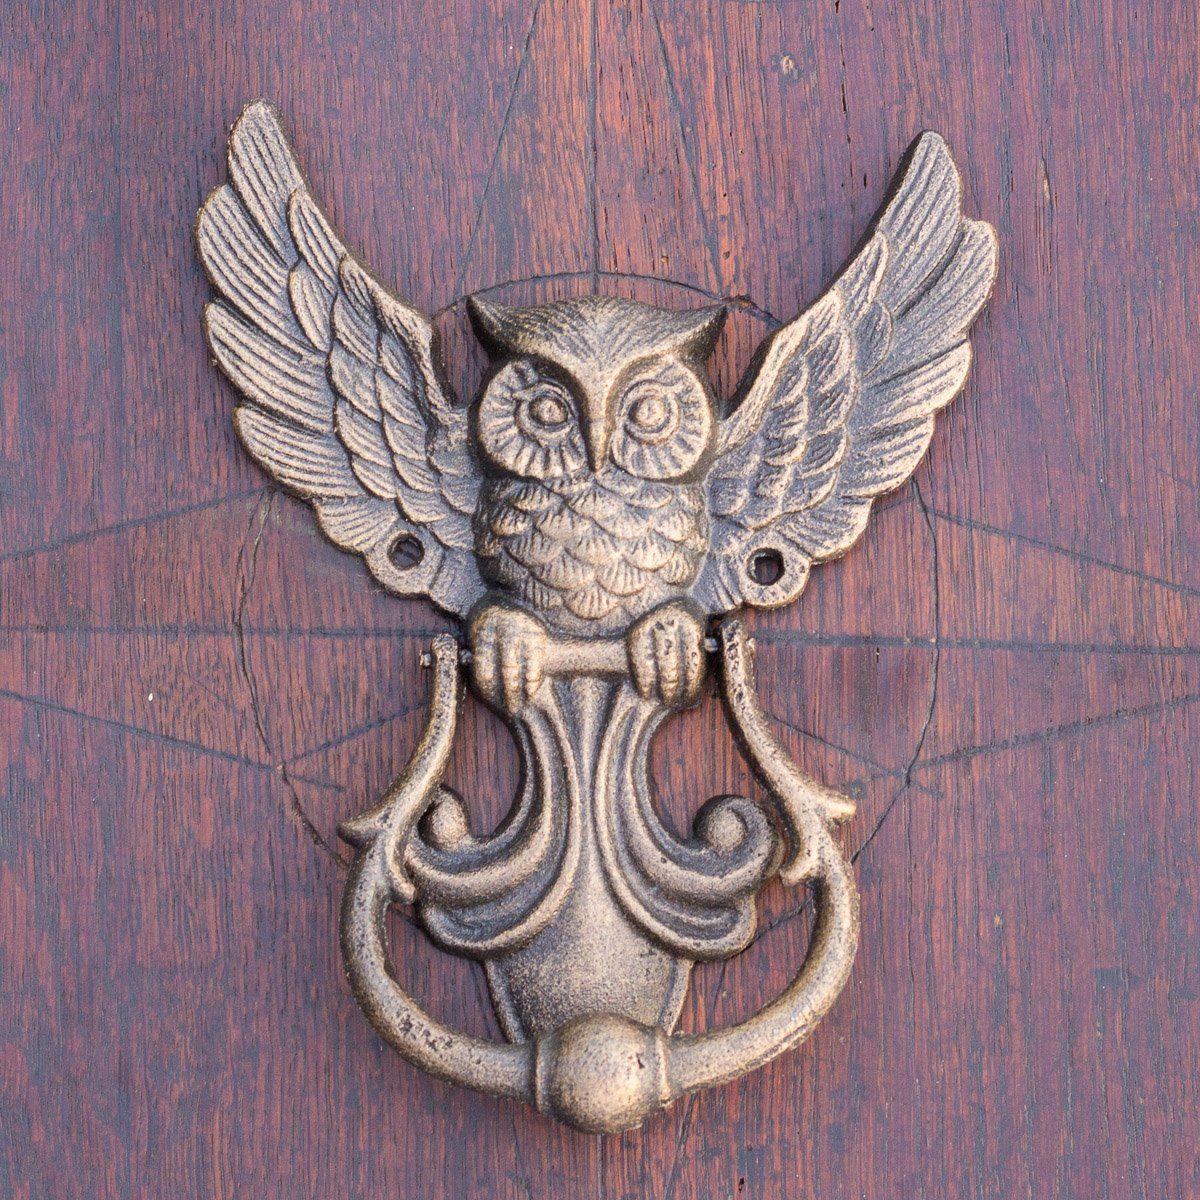 Hochwertiger Türklopfer Eule Klopfer Haustüren Gusseisen in Antikbronze lackiert